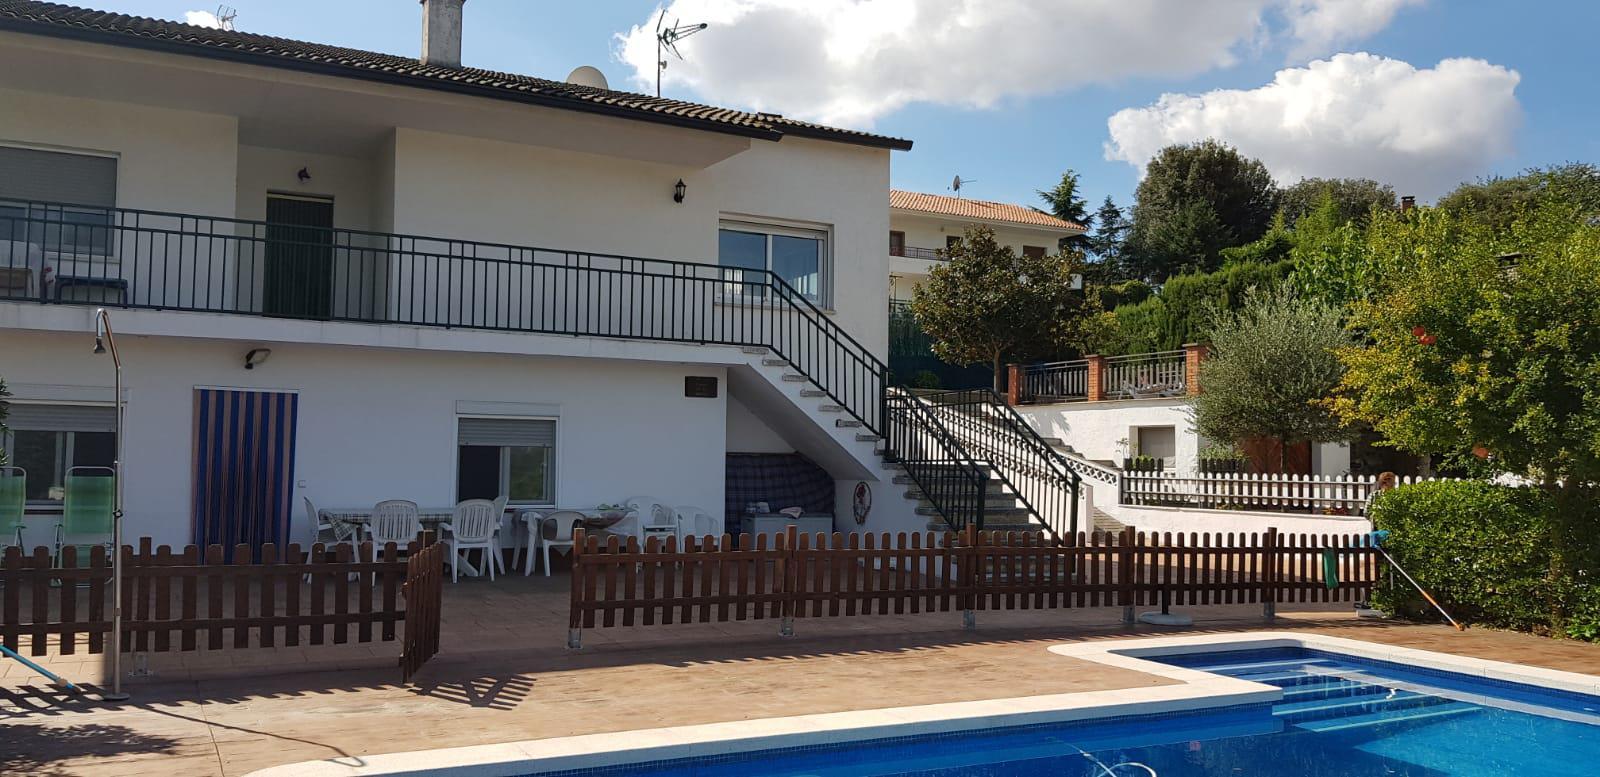 Imagen 3 Casa en venta en Bigues I Riells / Urbanización Font del Bou